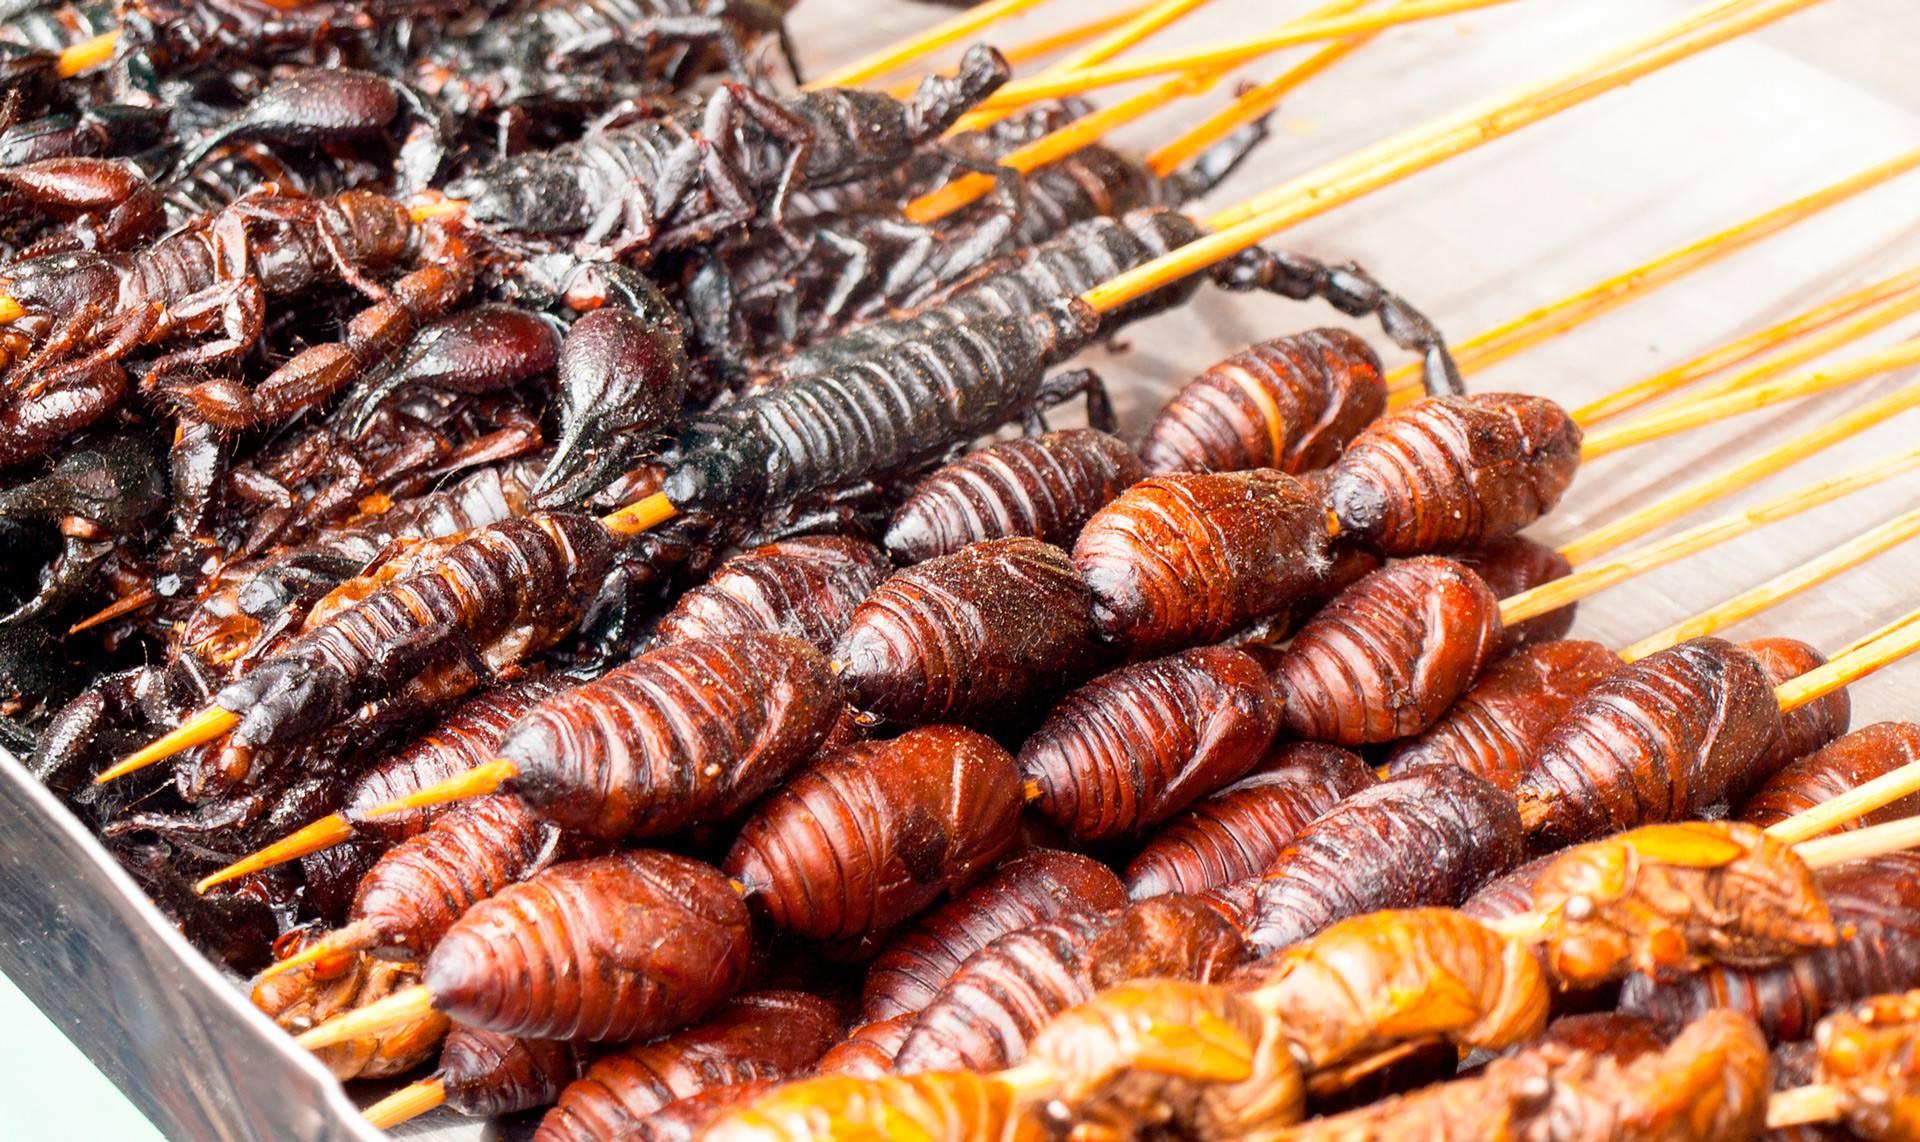 19 удивительных фактов о тараканах - уничтожение вредителей